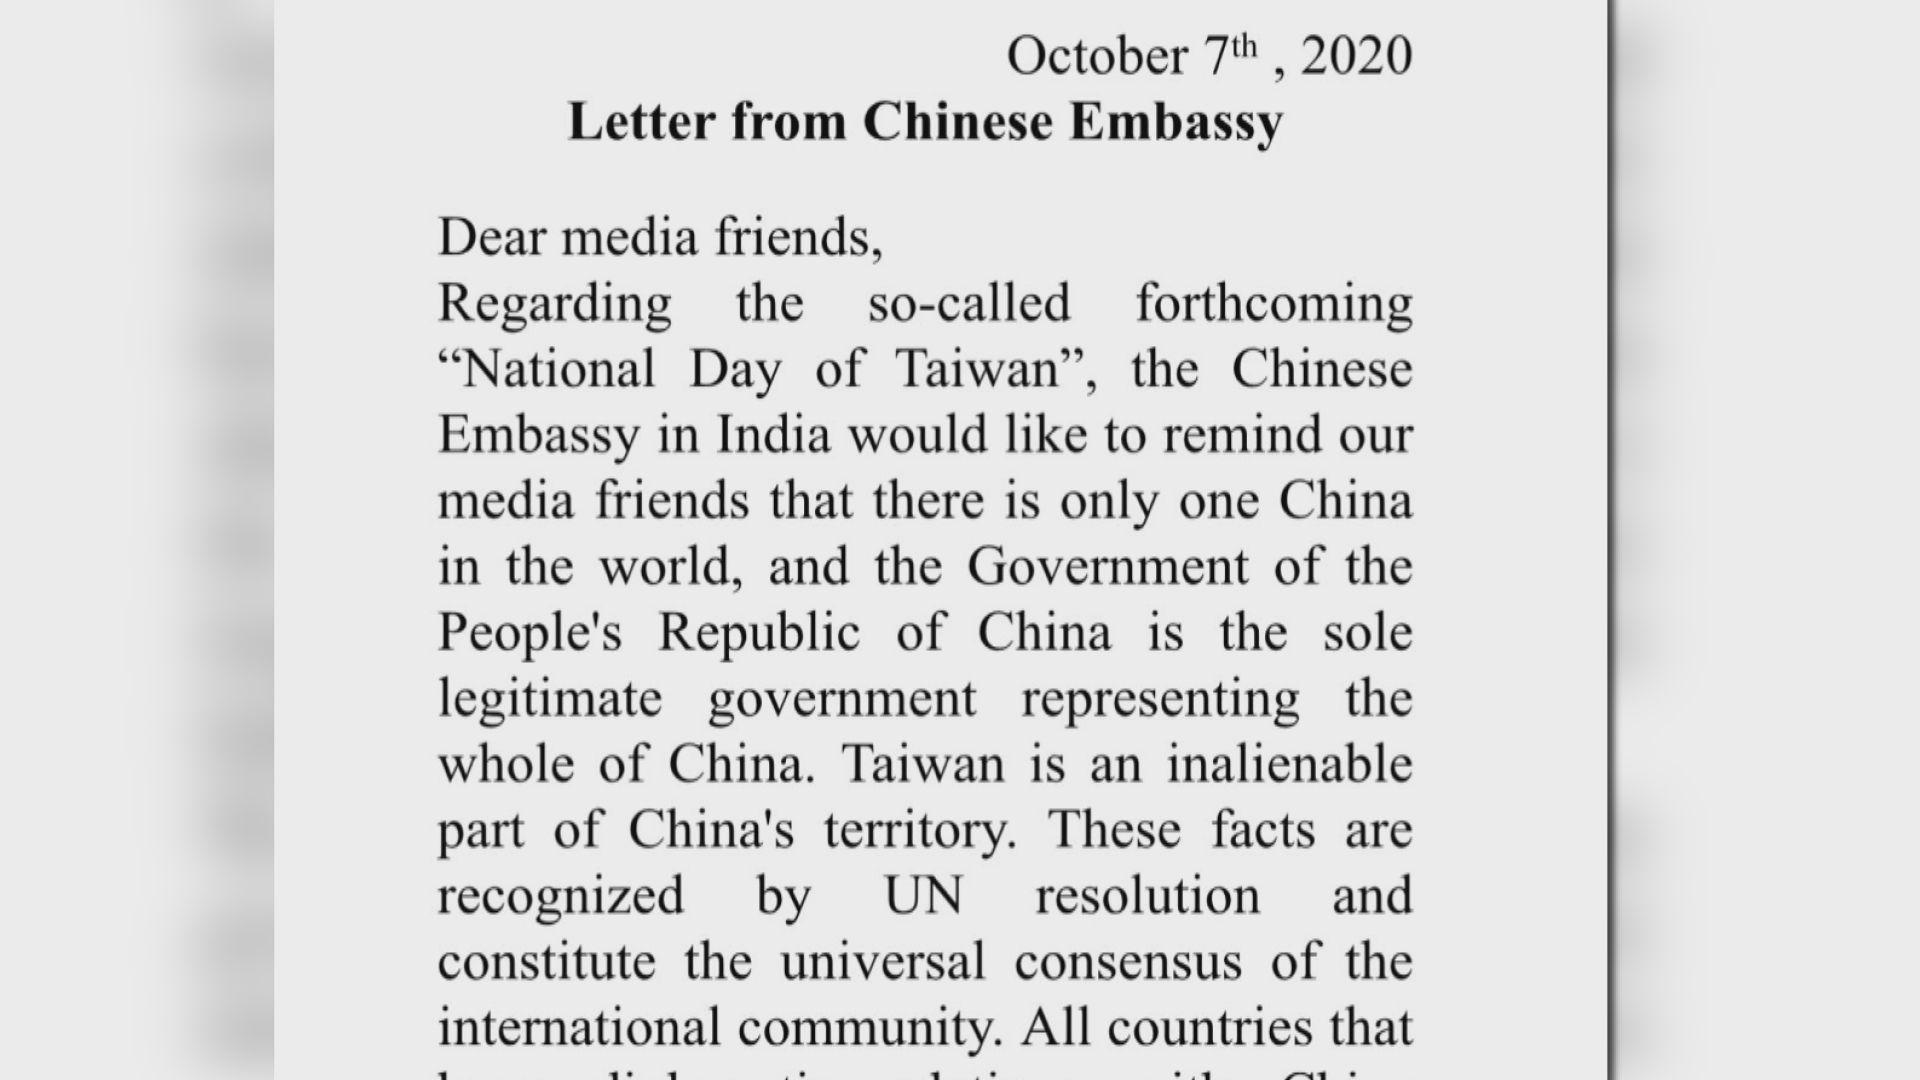 【刊雙十廣告】中國駐印度大使館促印傳媒守一中原則